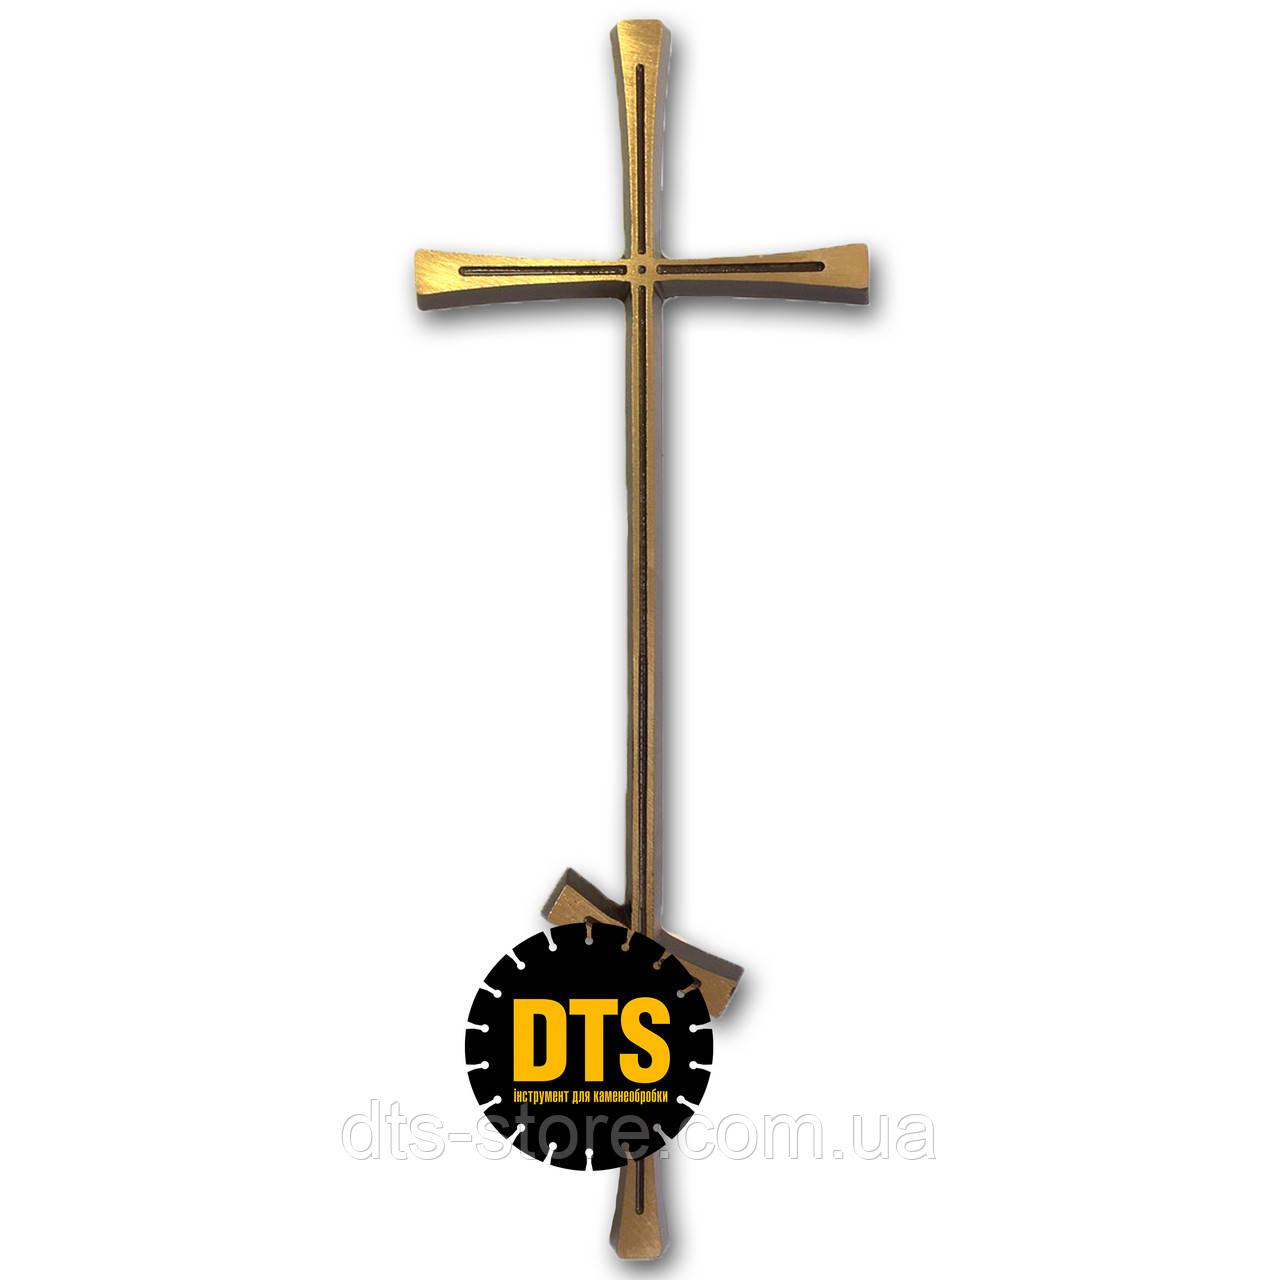 Крест бронзовый без распятия 30*11 см